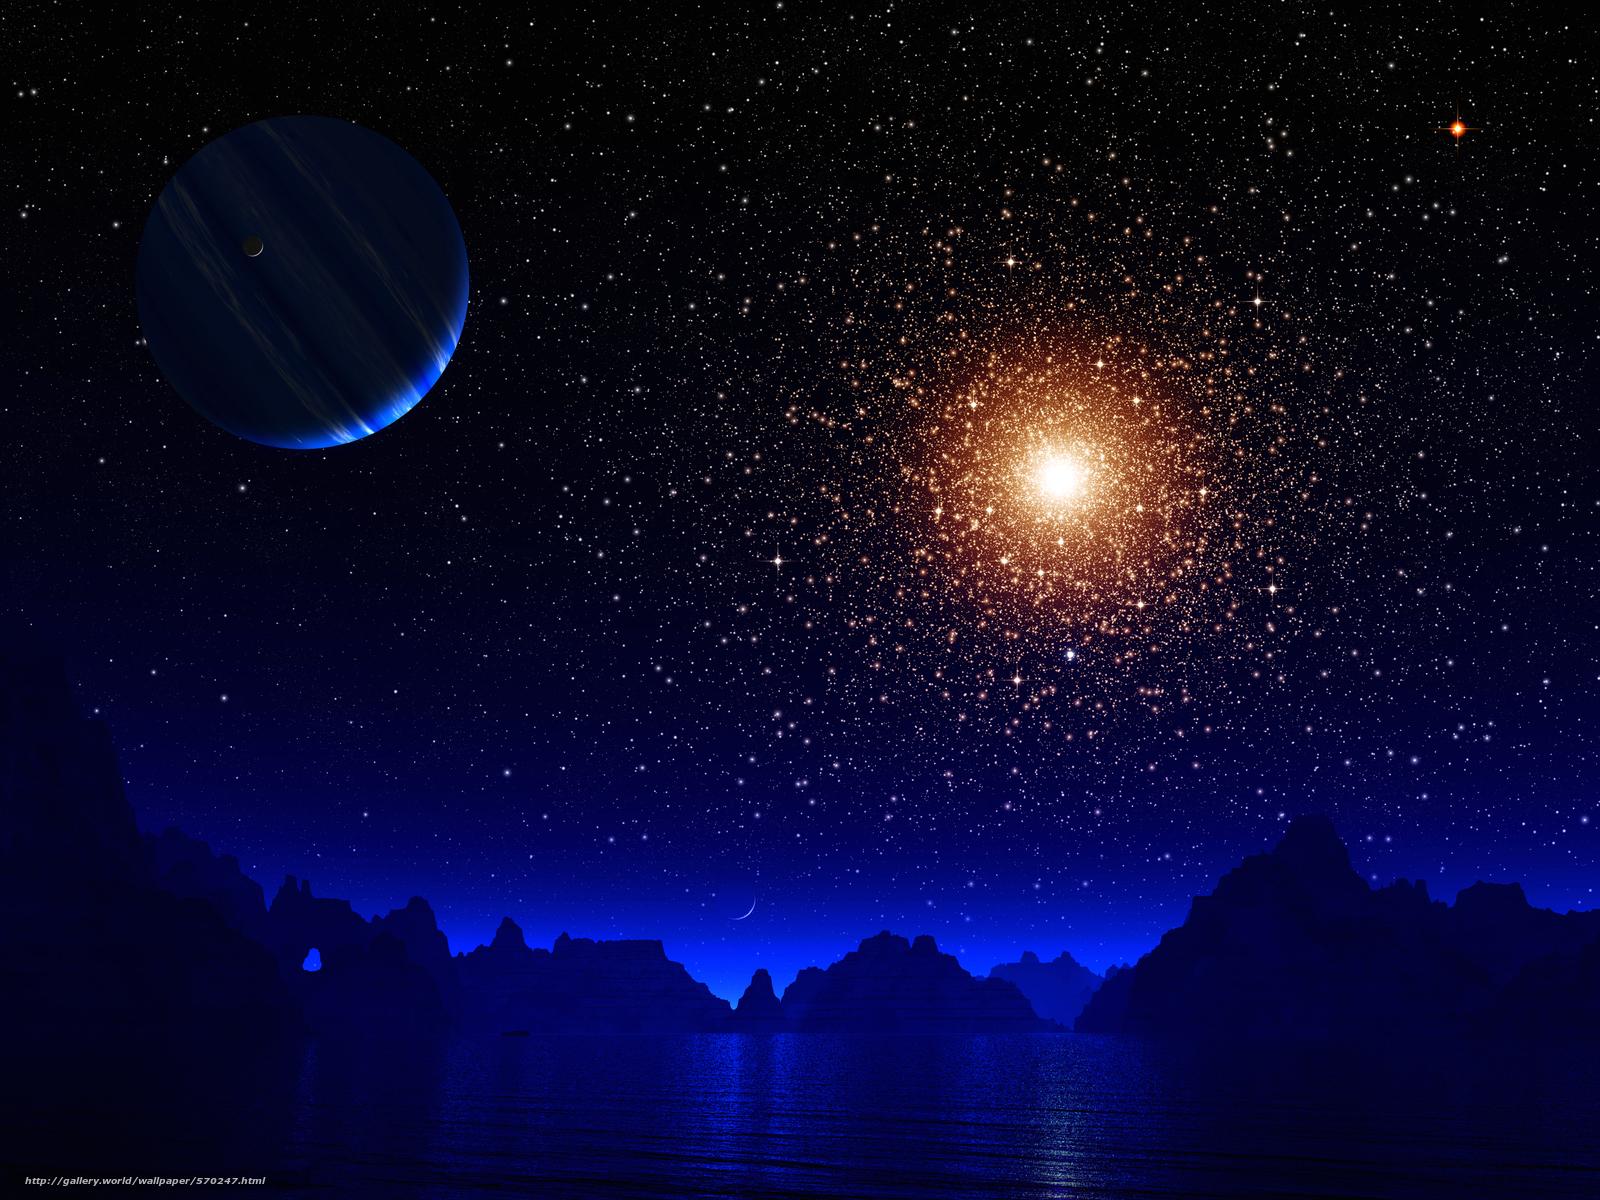 Скачать на телефон обои фото картинку на тему горы, озеро, звезды, вселенная, планета, разширение 2880x2160